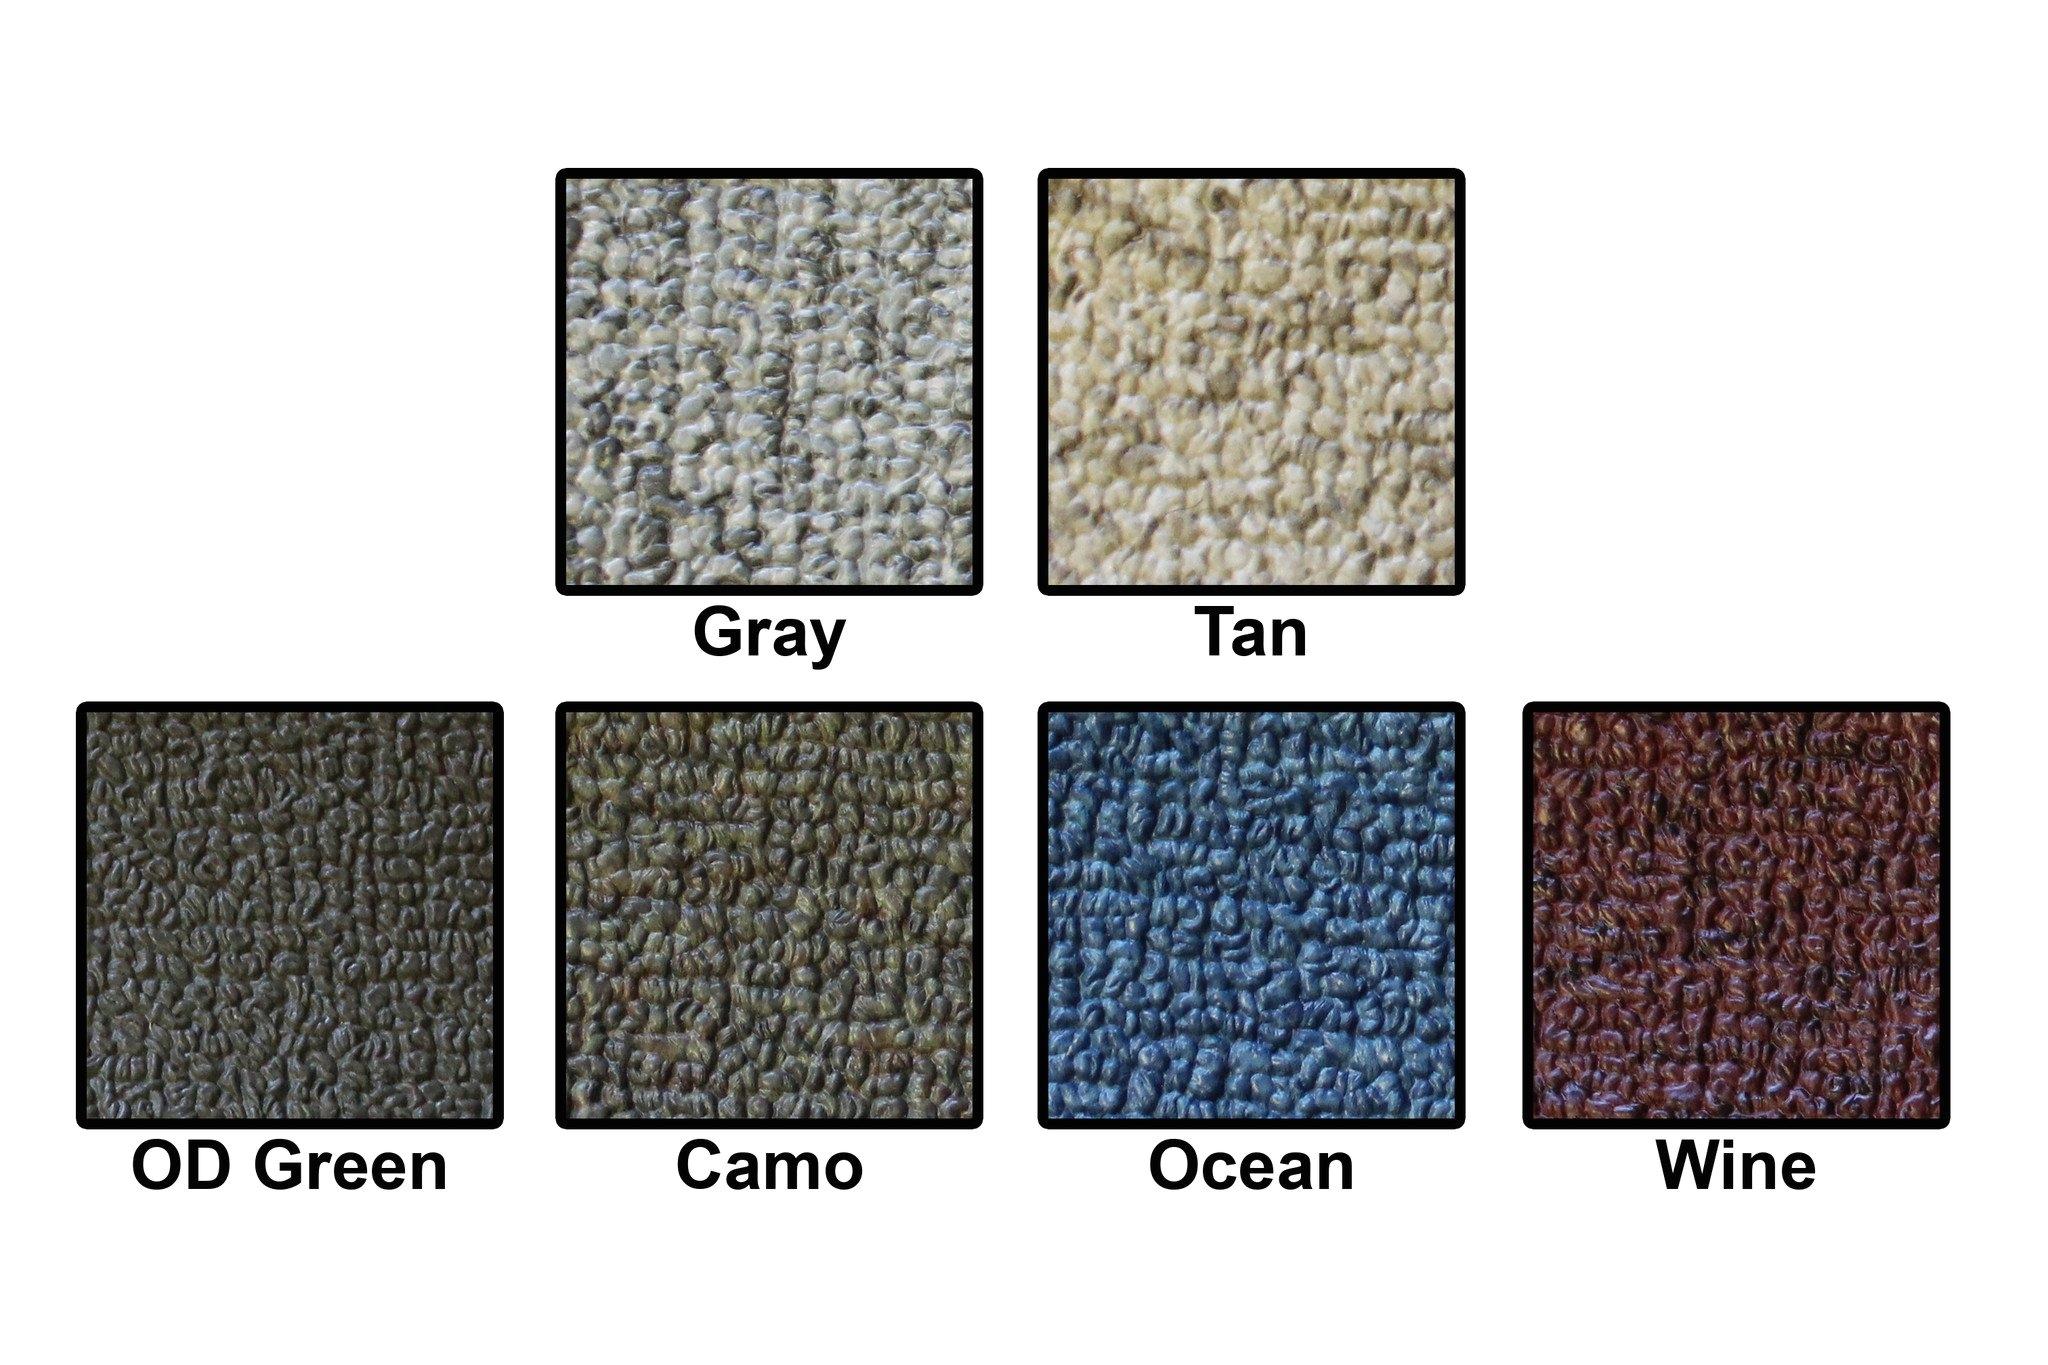 Marine Grade Vinyl Flooring Marideck 8 5 Wide Marine Grade Vinyl Flooring Seamed 34 Mil Boat